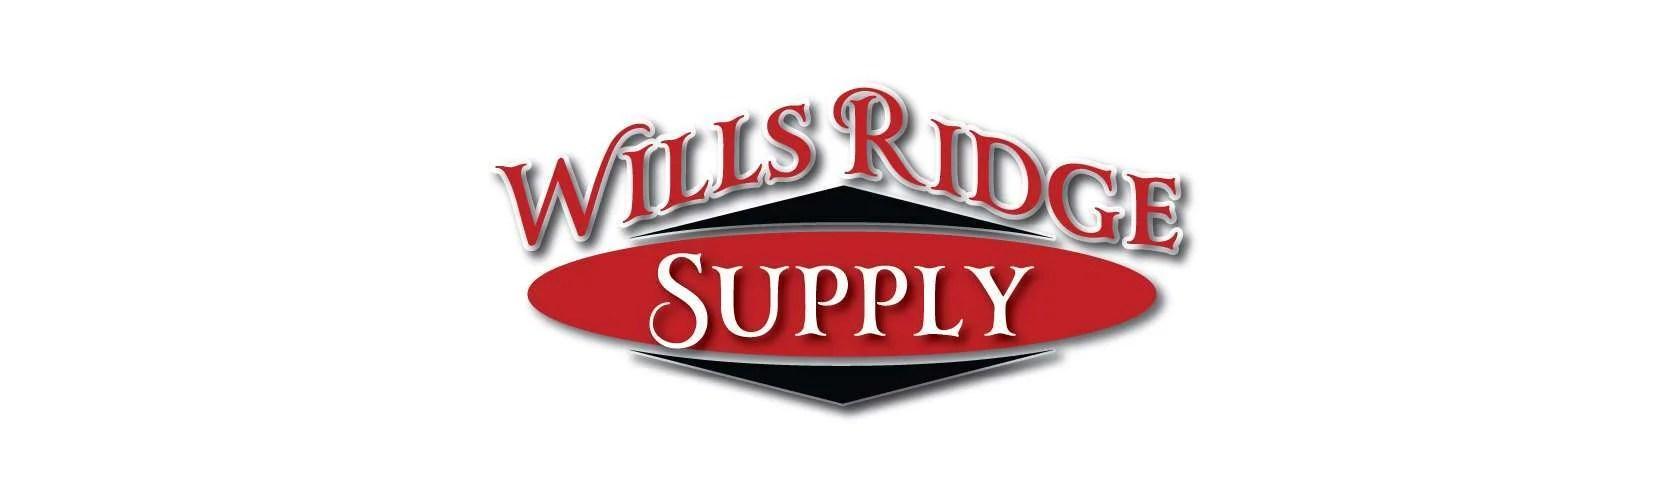 Wills Ridge Supply